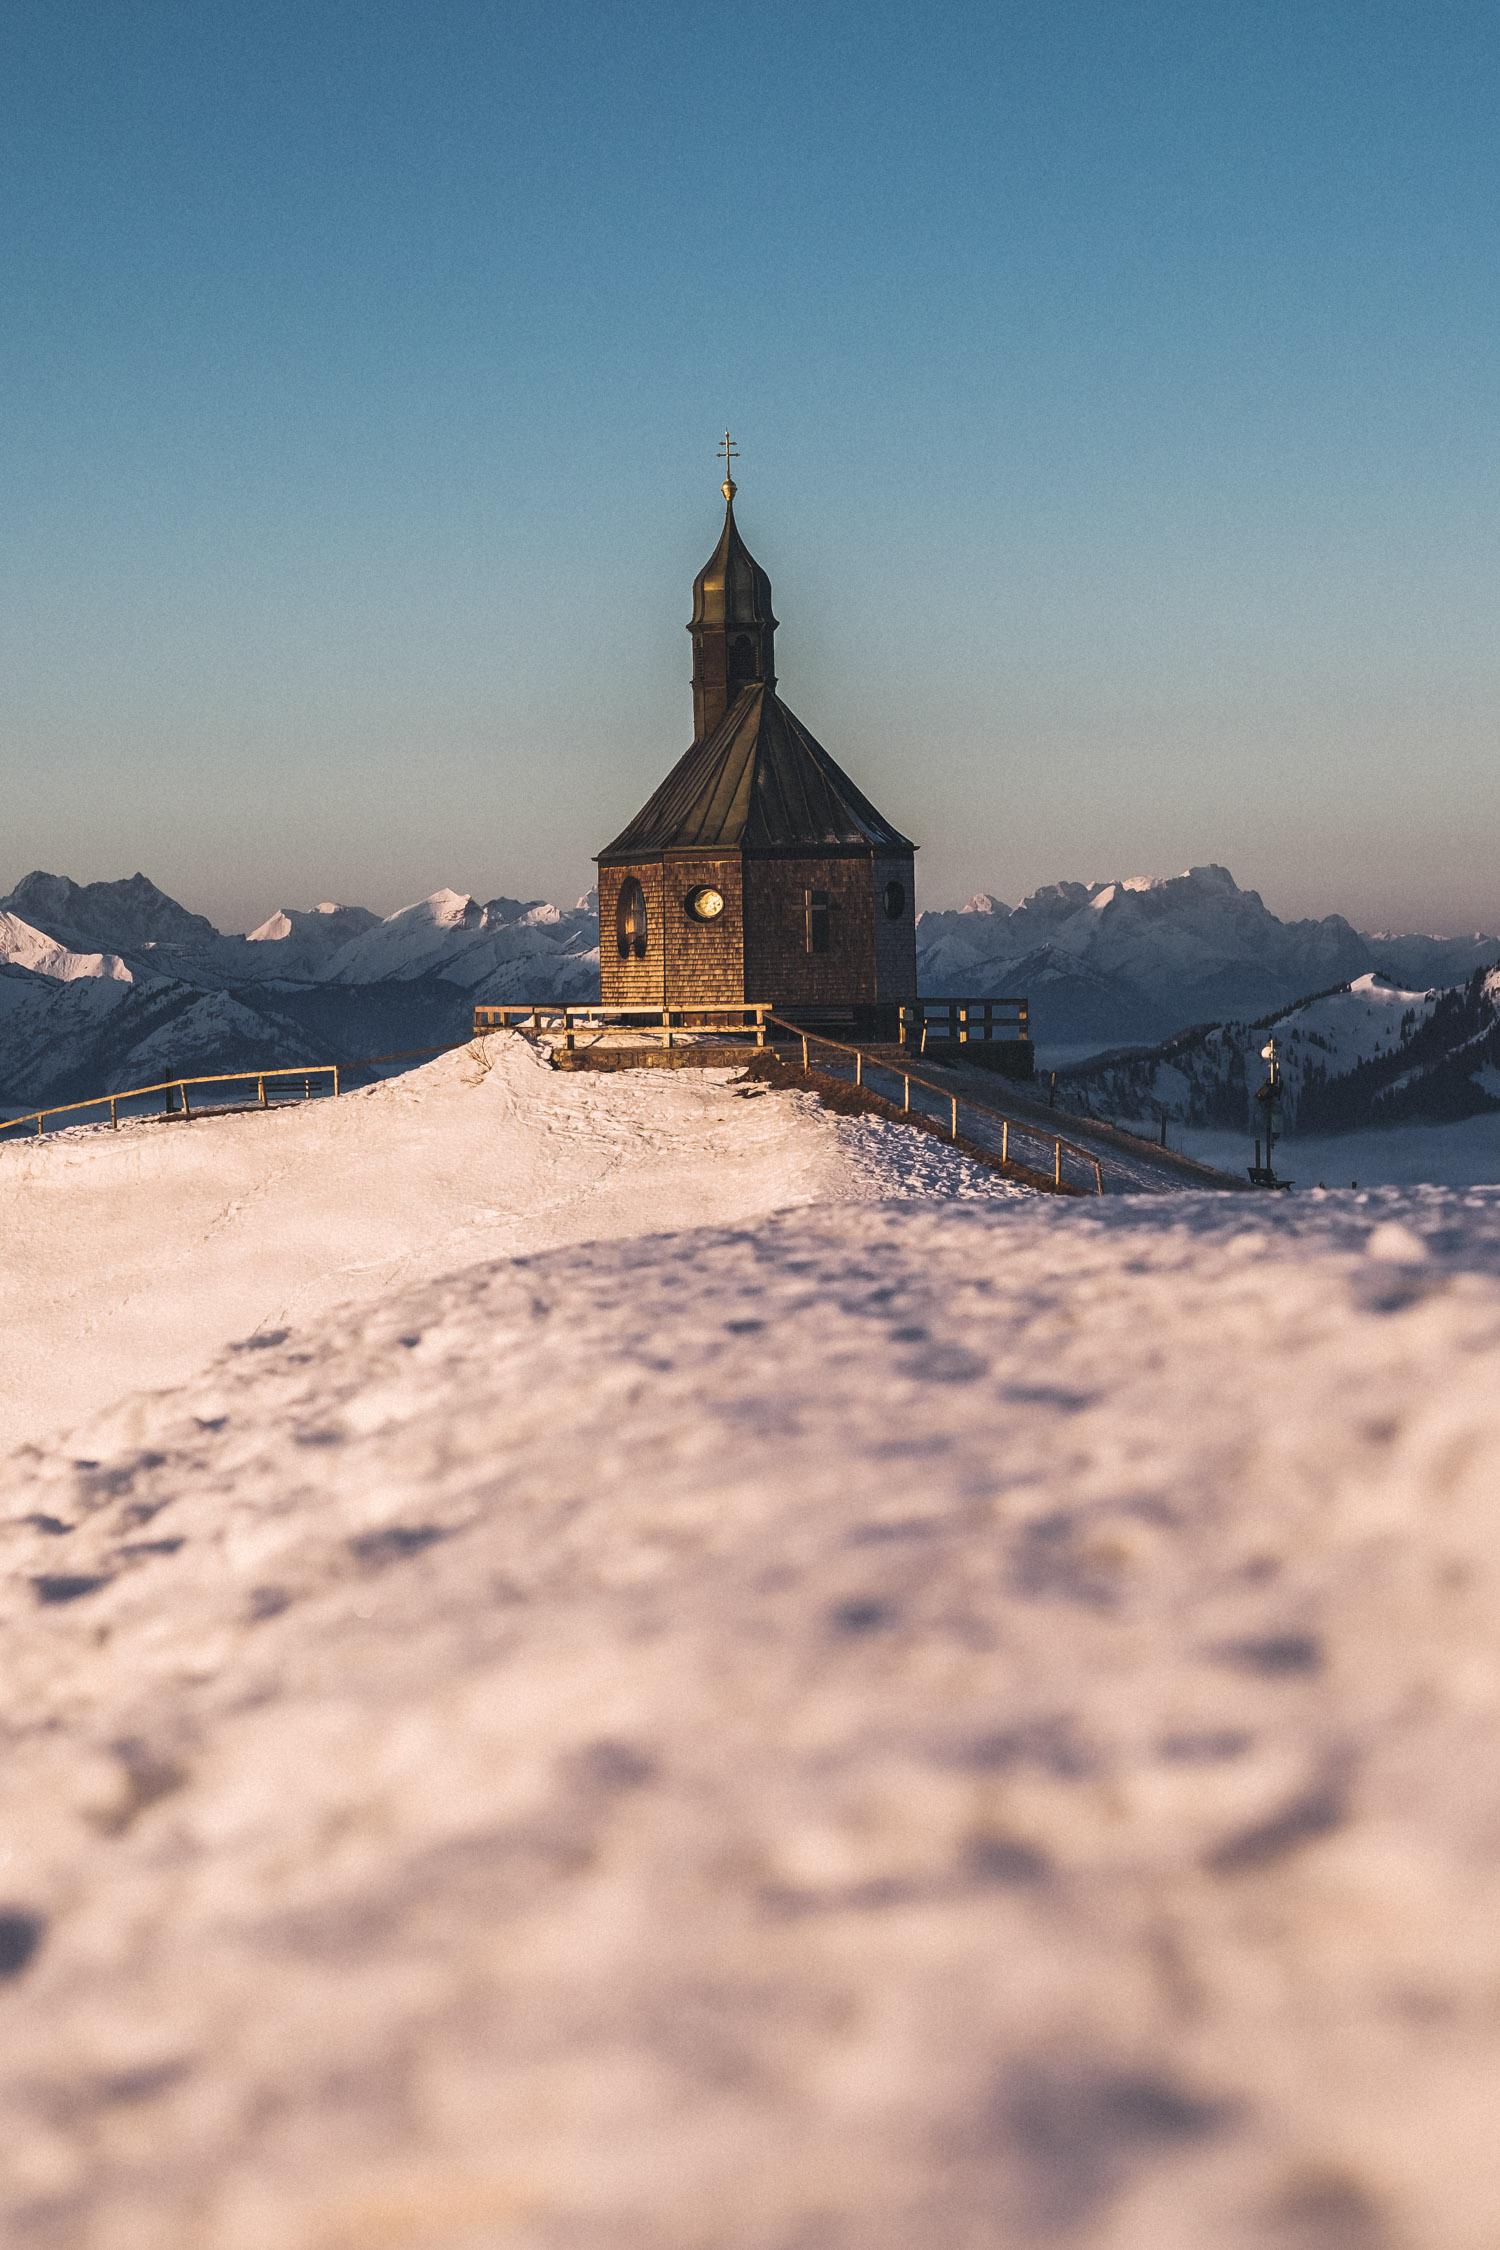 Die Kapelle am Wallberg wird in sanften Morgenlicht getaucht.